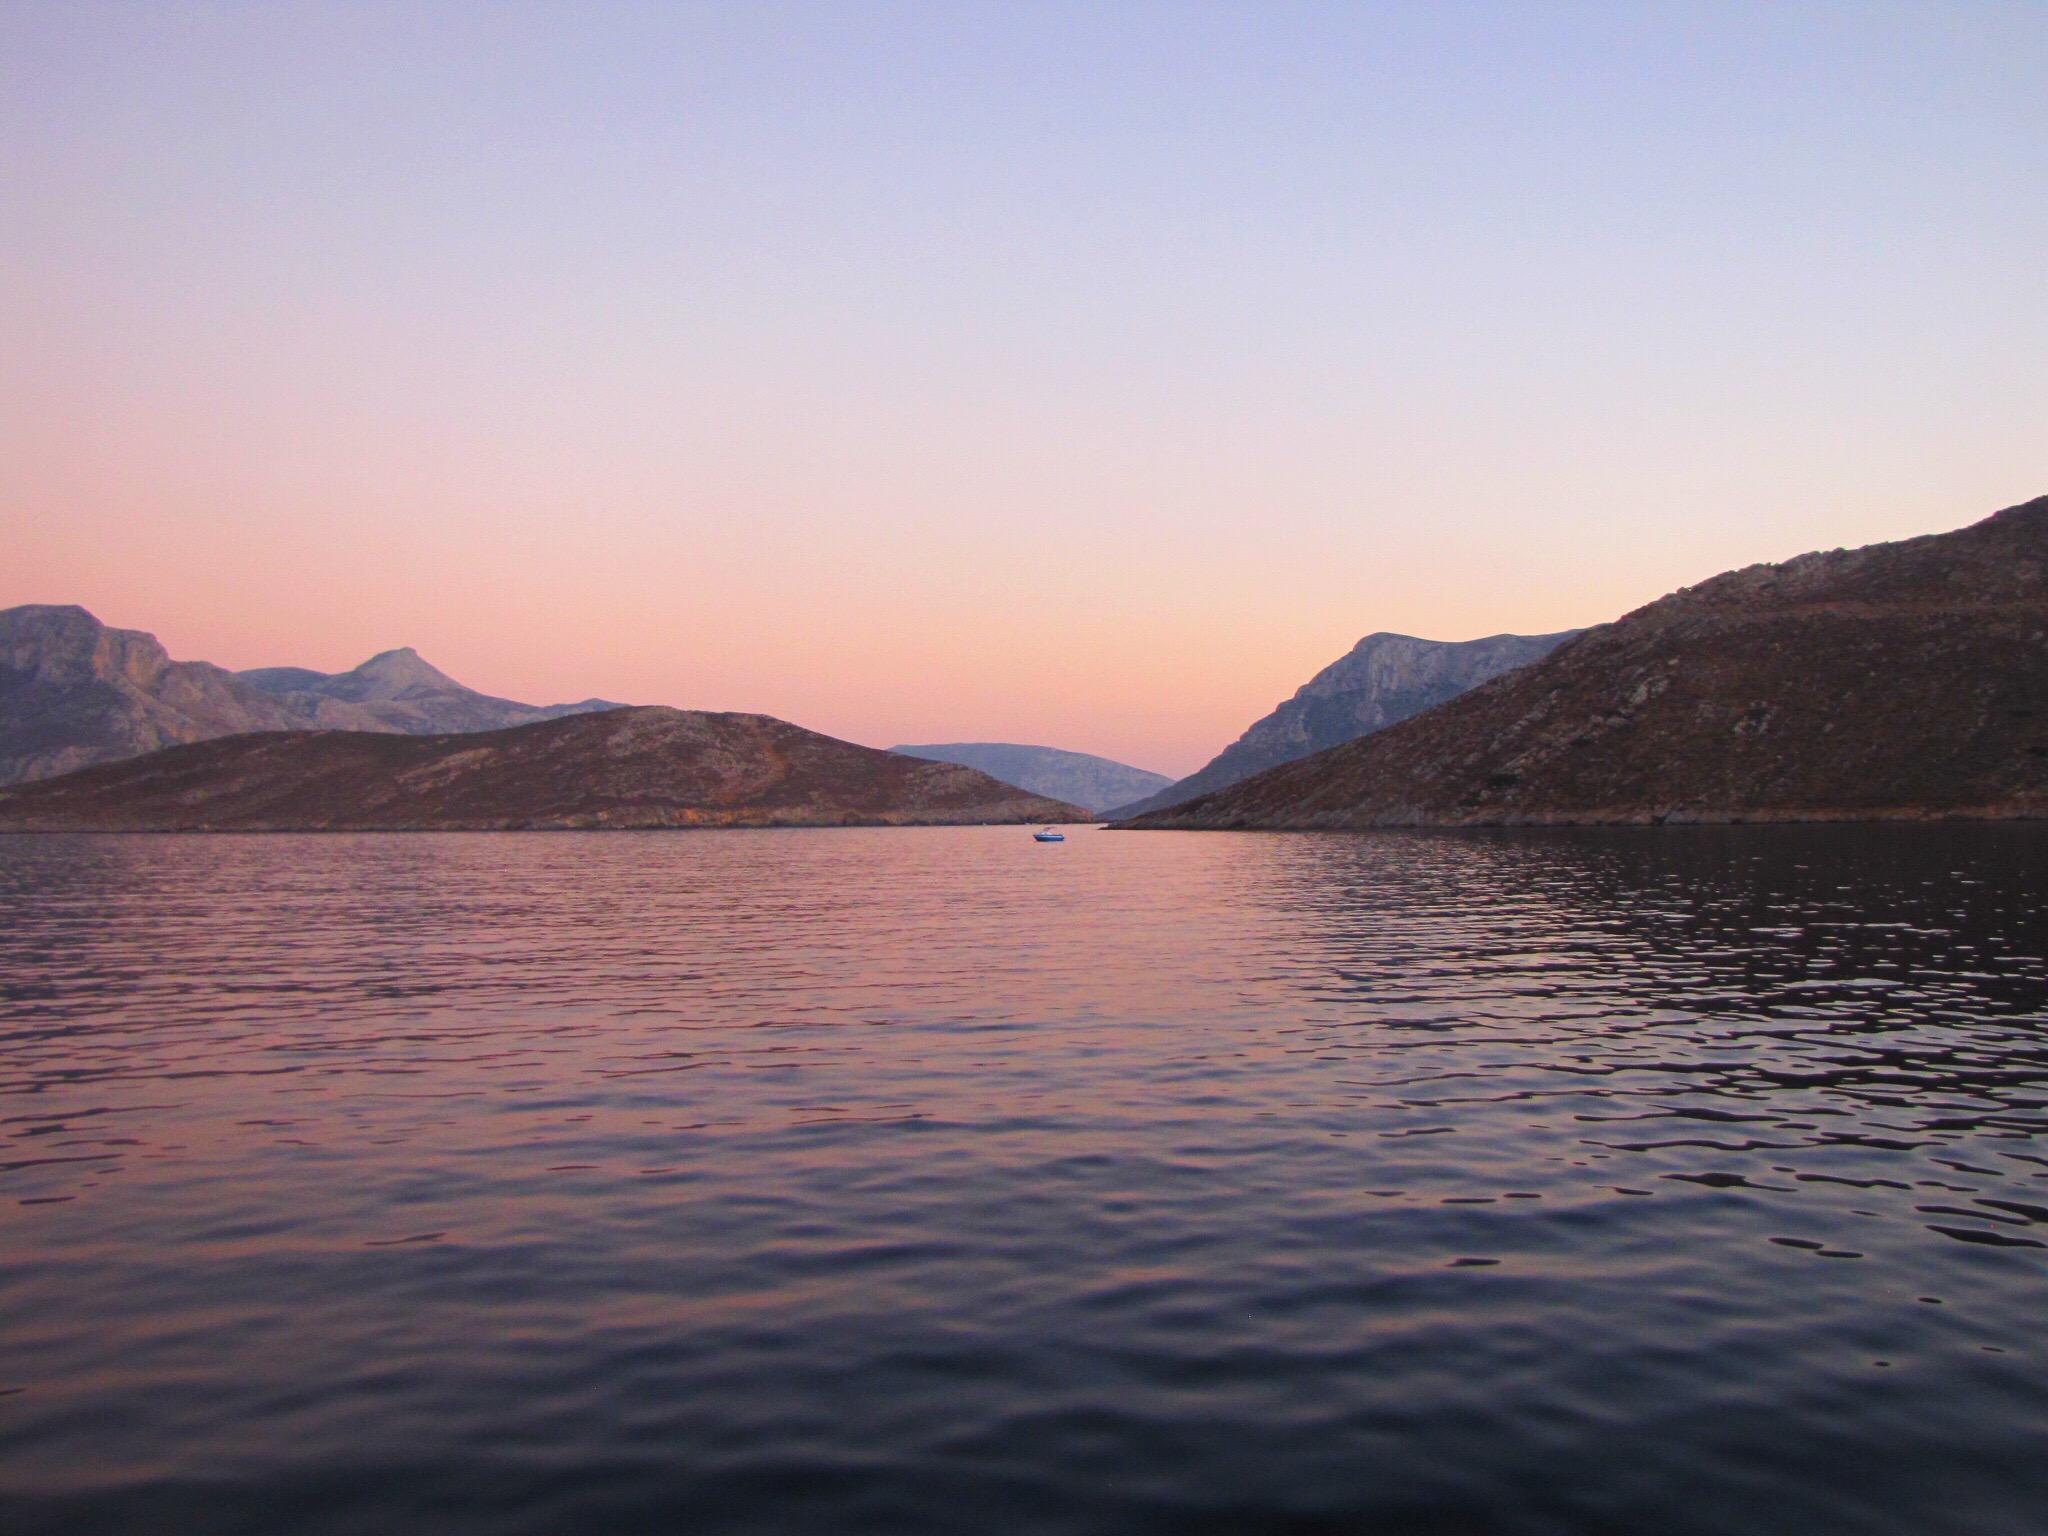 Partez à la découverte de la mer Égée